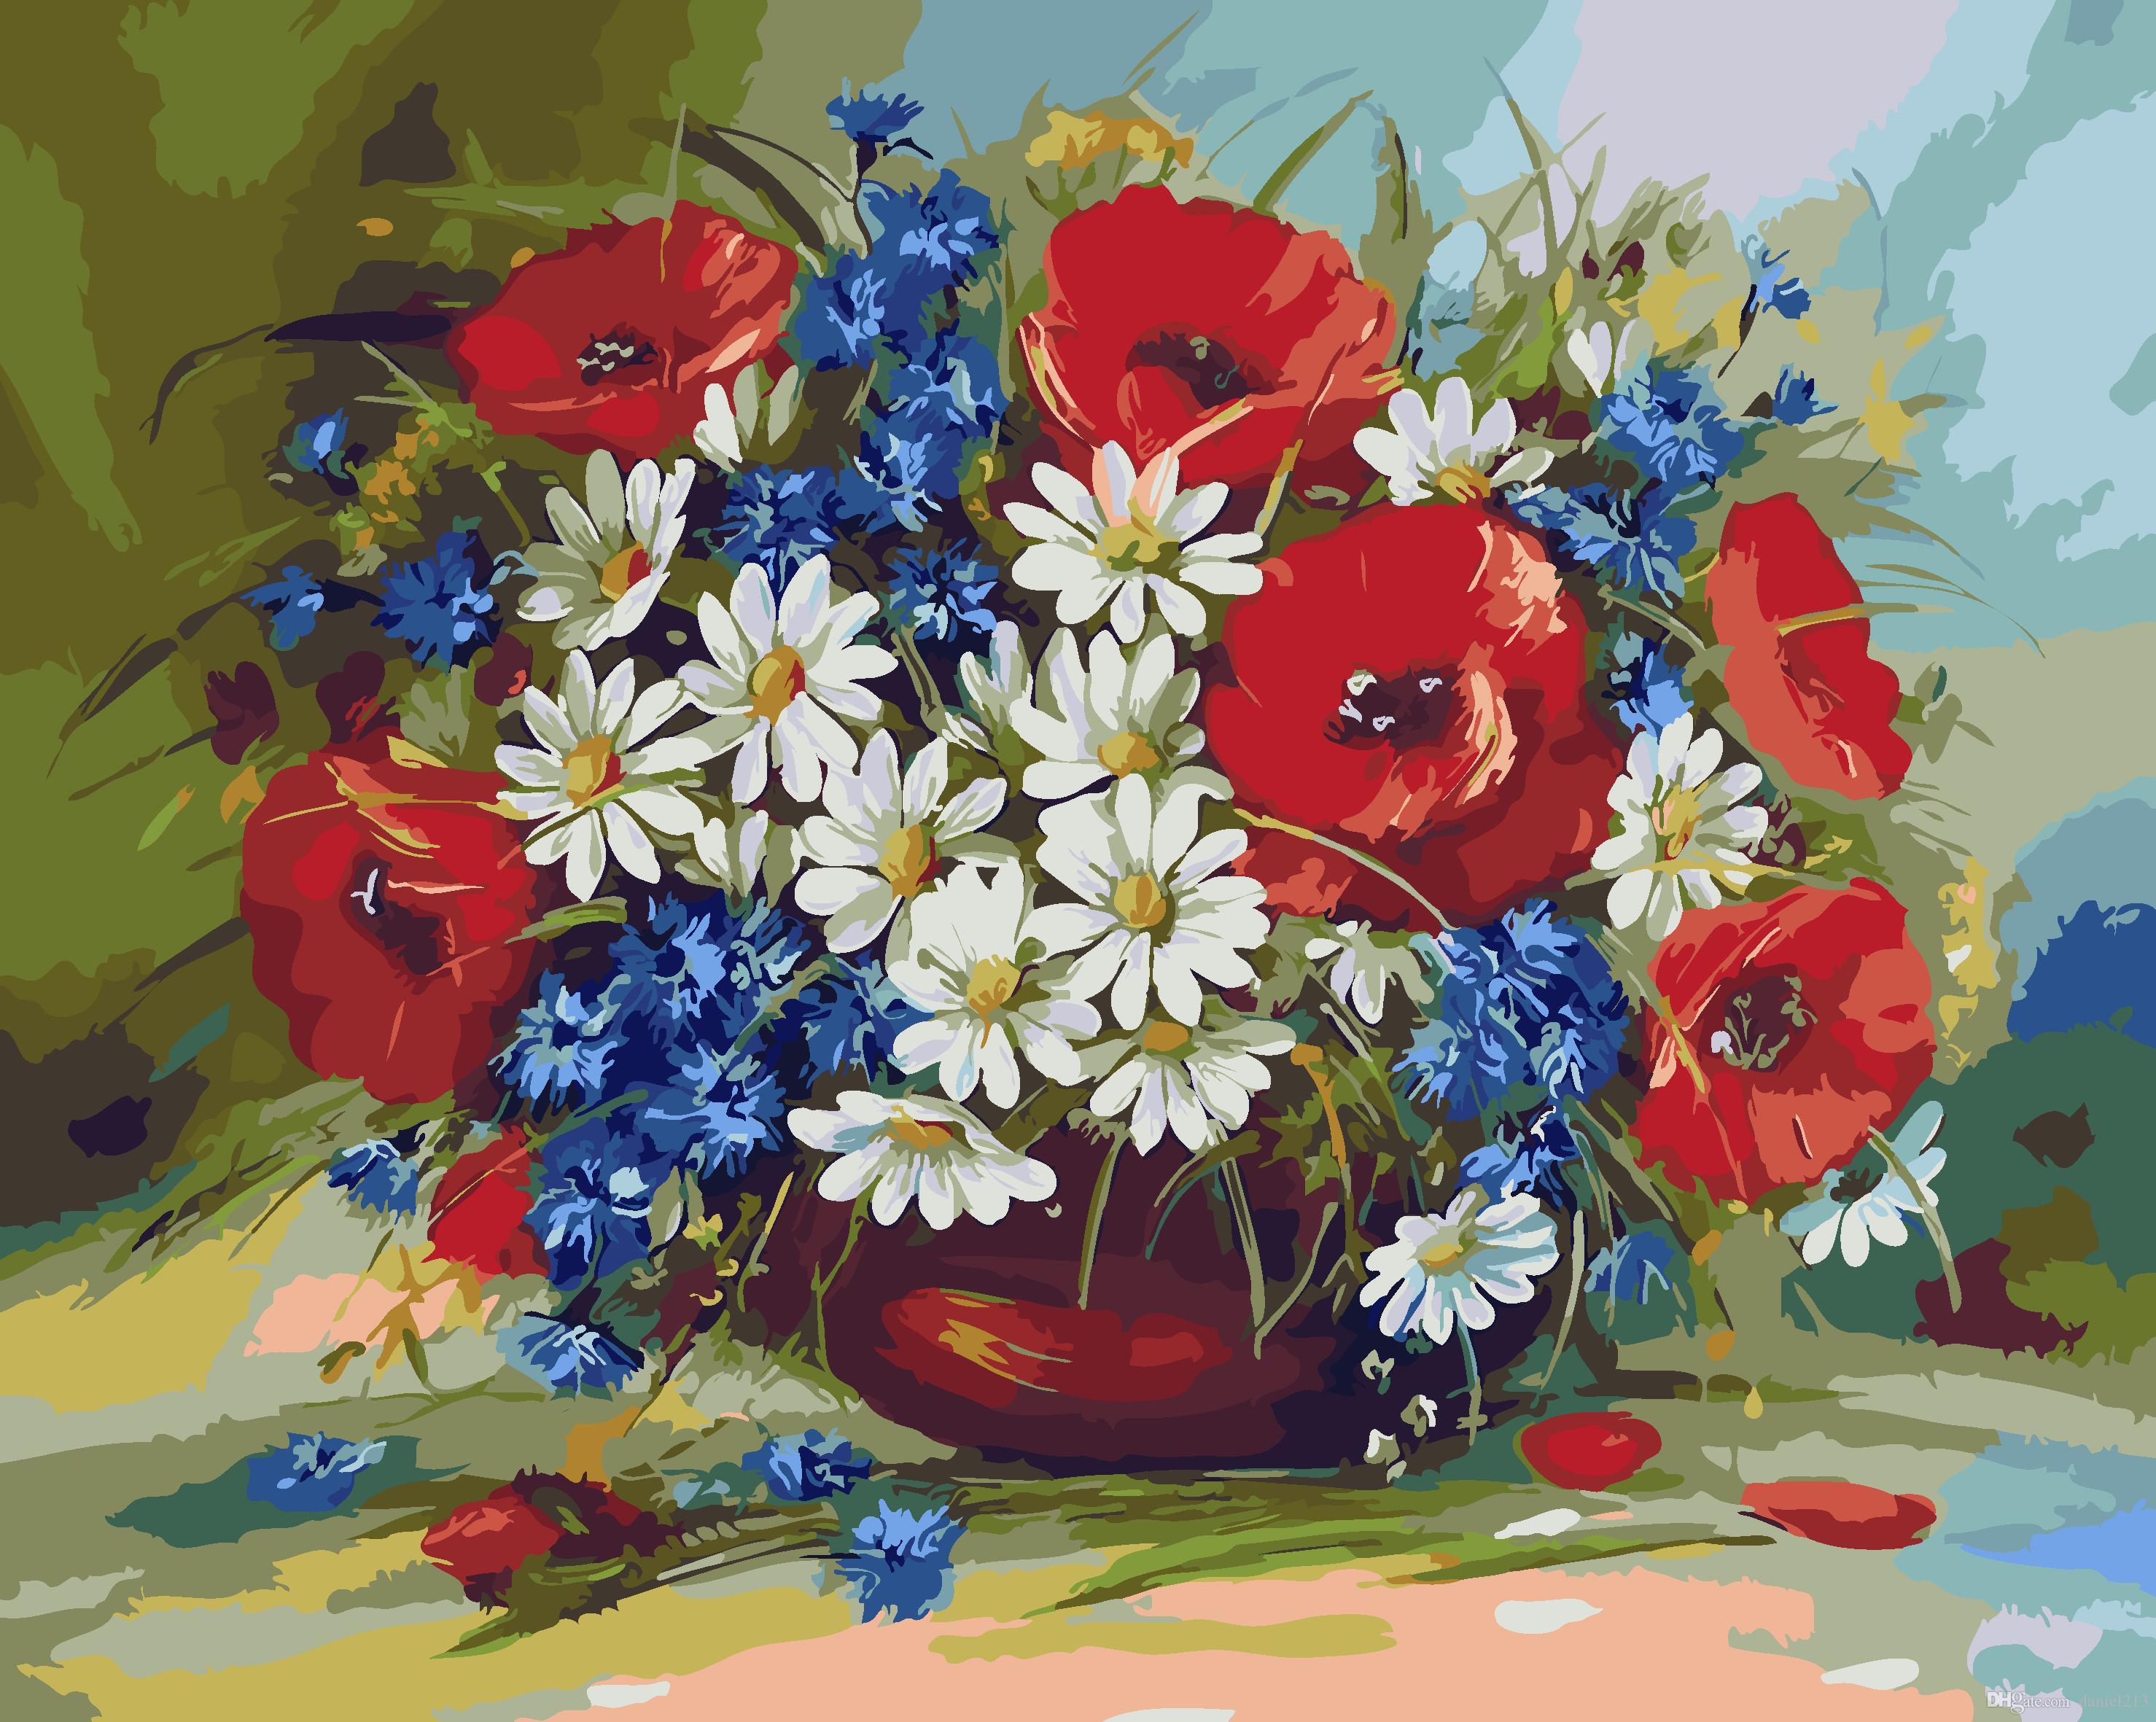 16x20 Zoll Mohnblumen Und Gänseblümchen In Der Flasche Diy Malen Auf Leinwand Zeichnung Von Zahlen Kits Kunst Acryl ölgemälde Rahmen Für